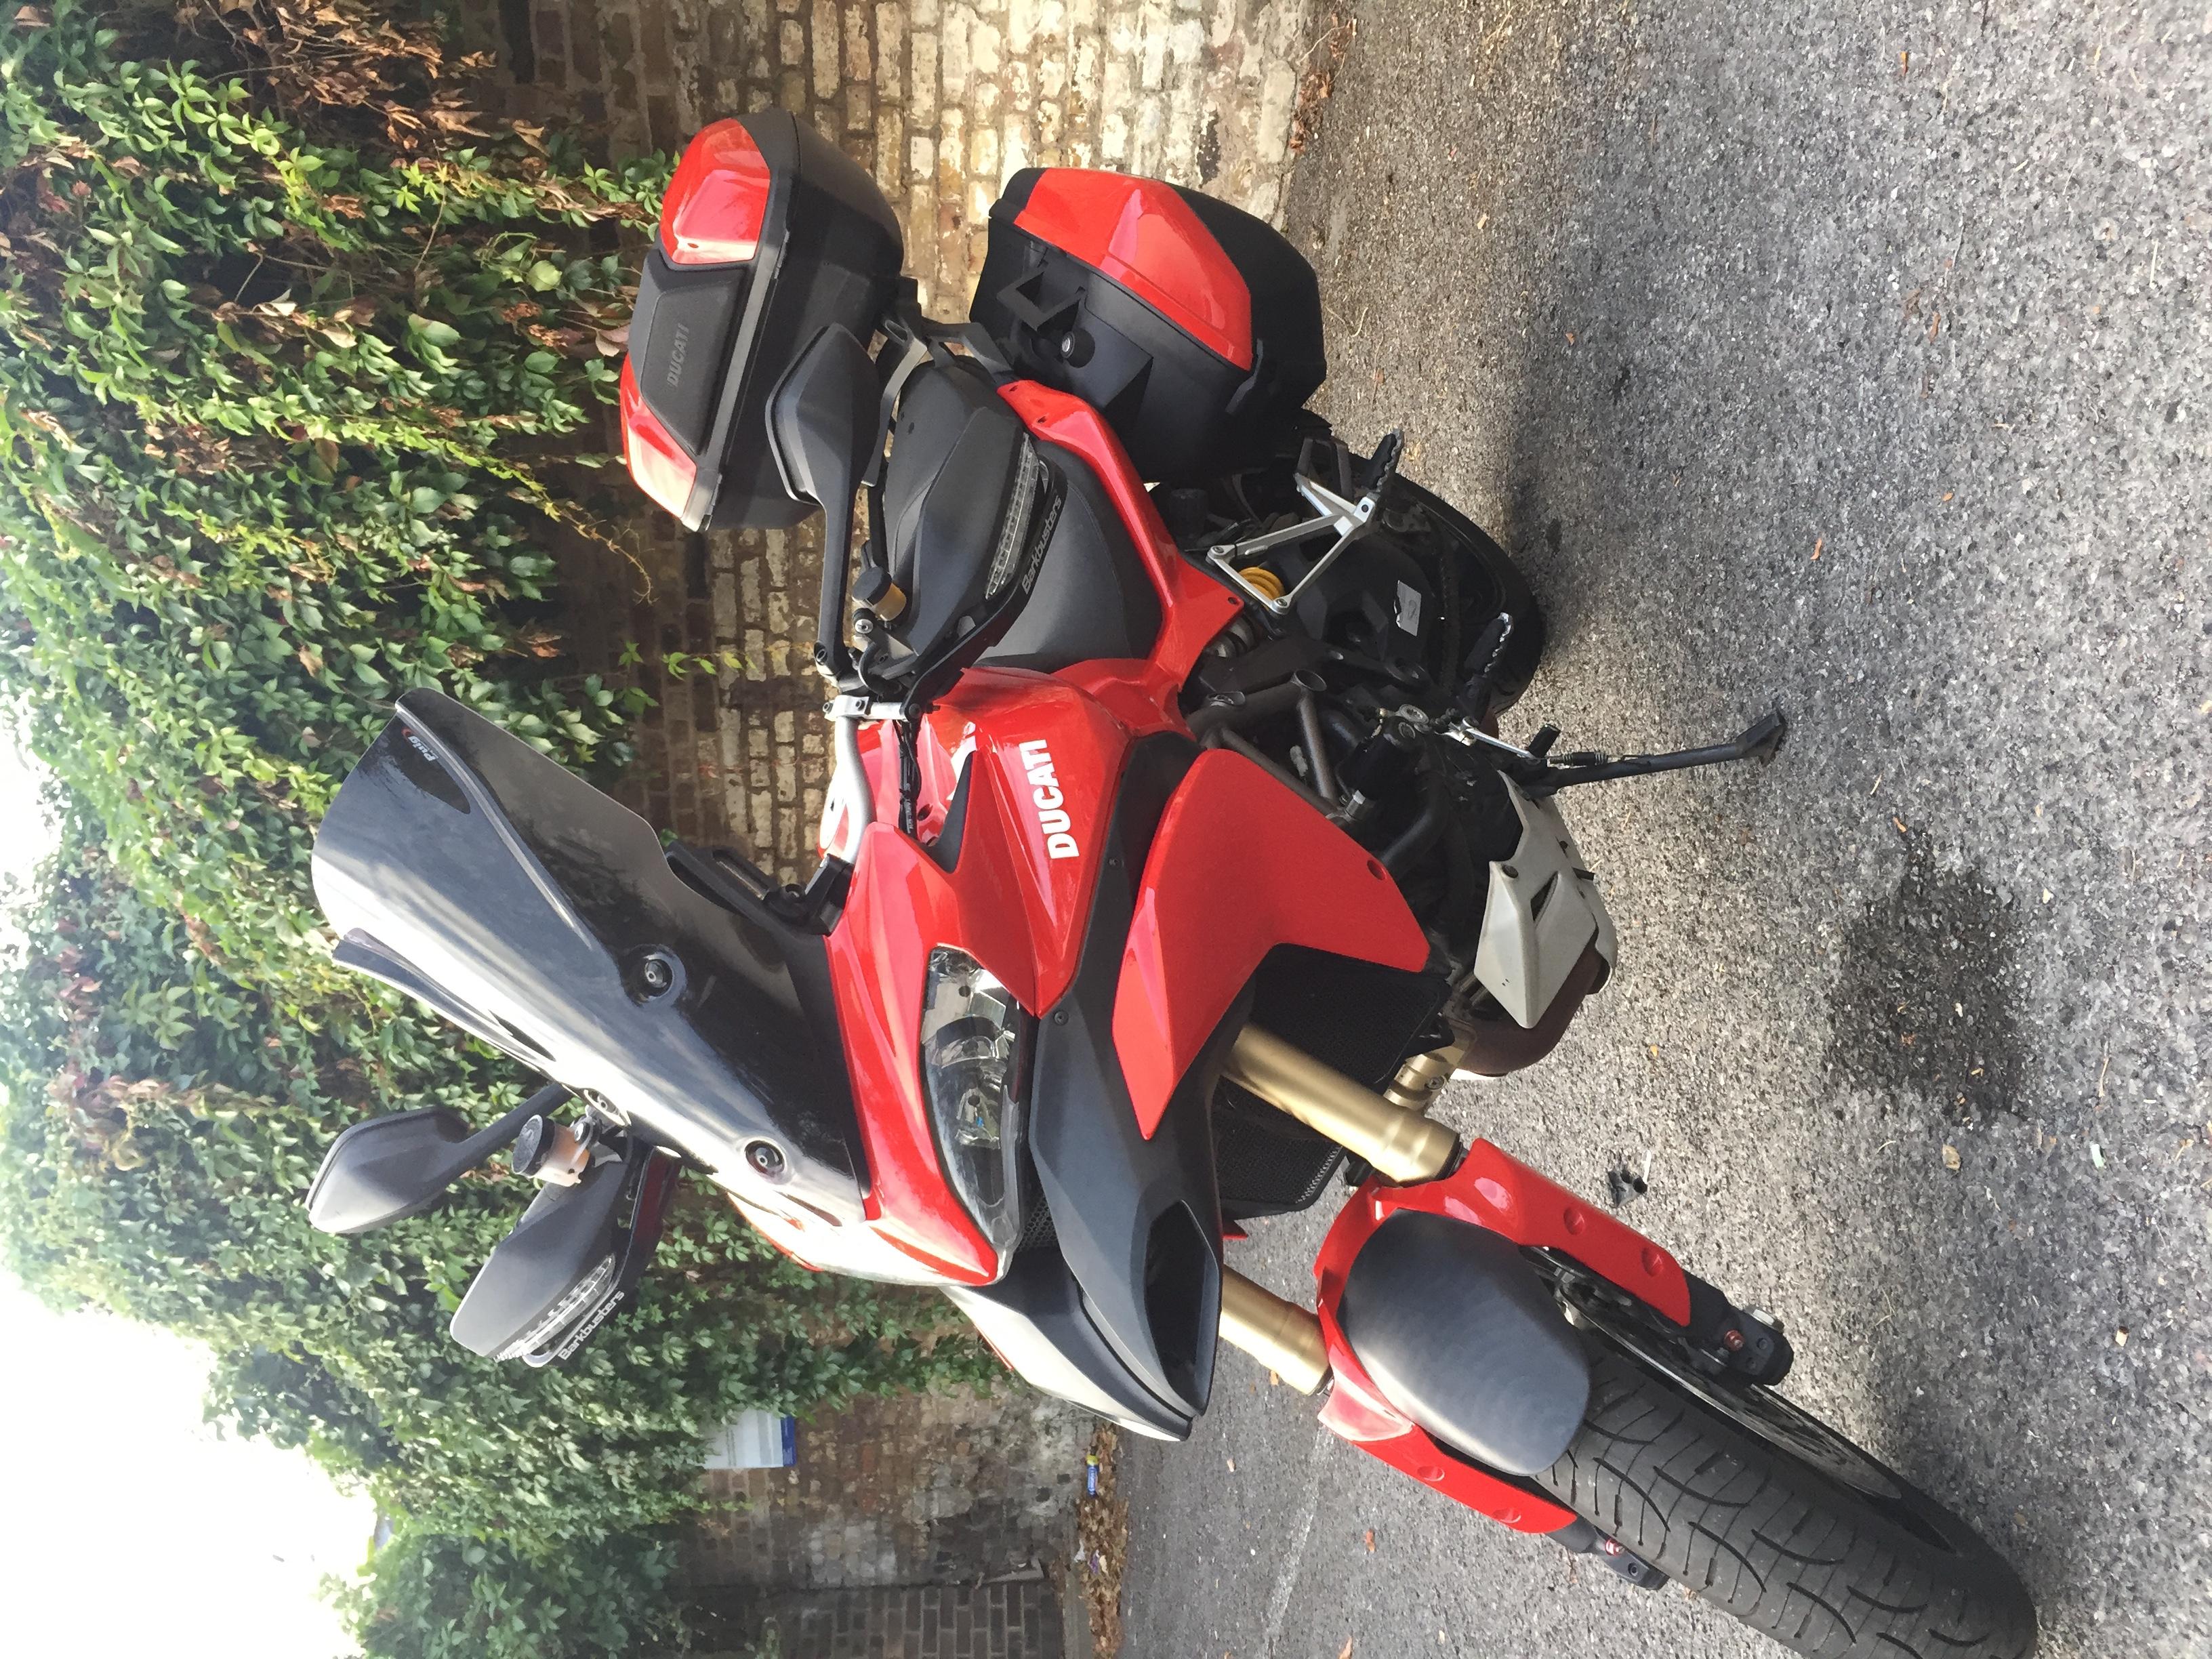 Sold - Ducati Multistrada 1200s Touring  Termignoni  Abs  Ducati Top Box